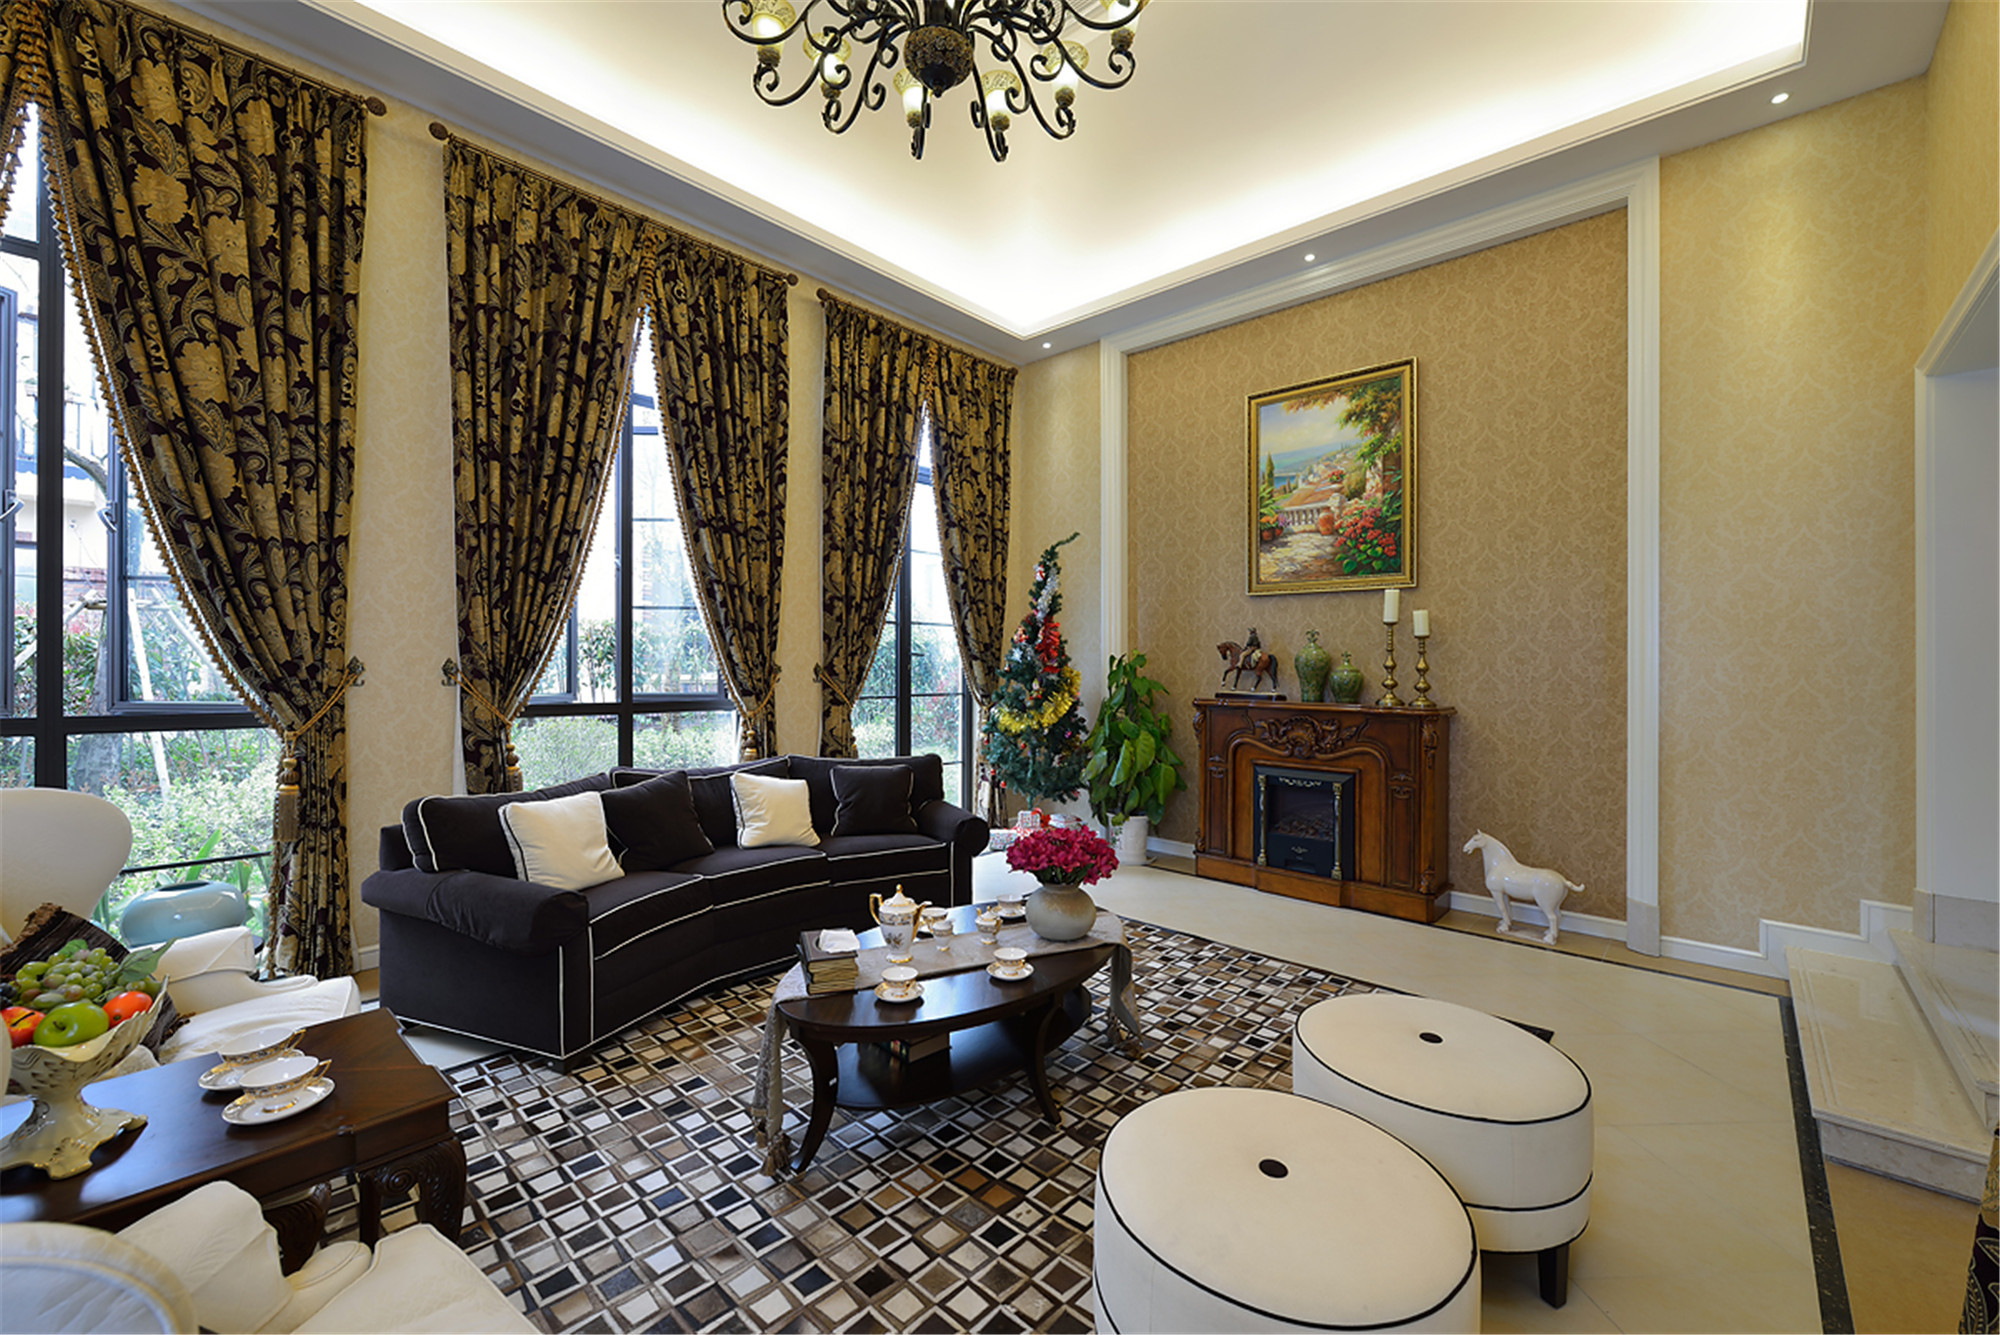 欧式壁炉清新简约客厅家具装修图片